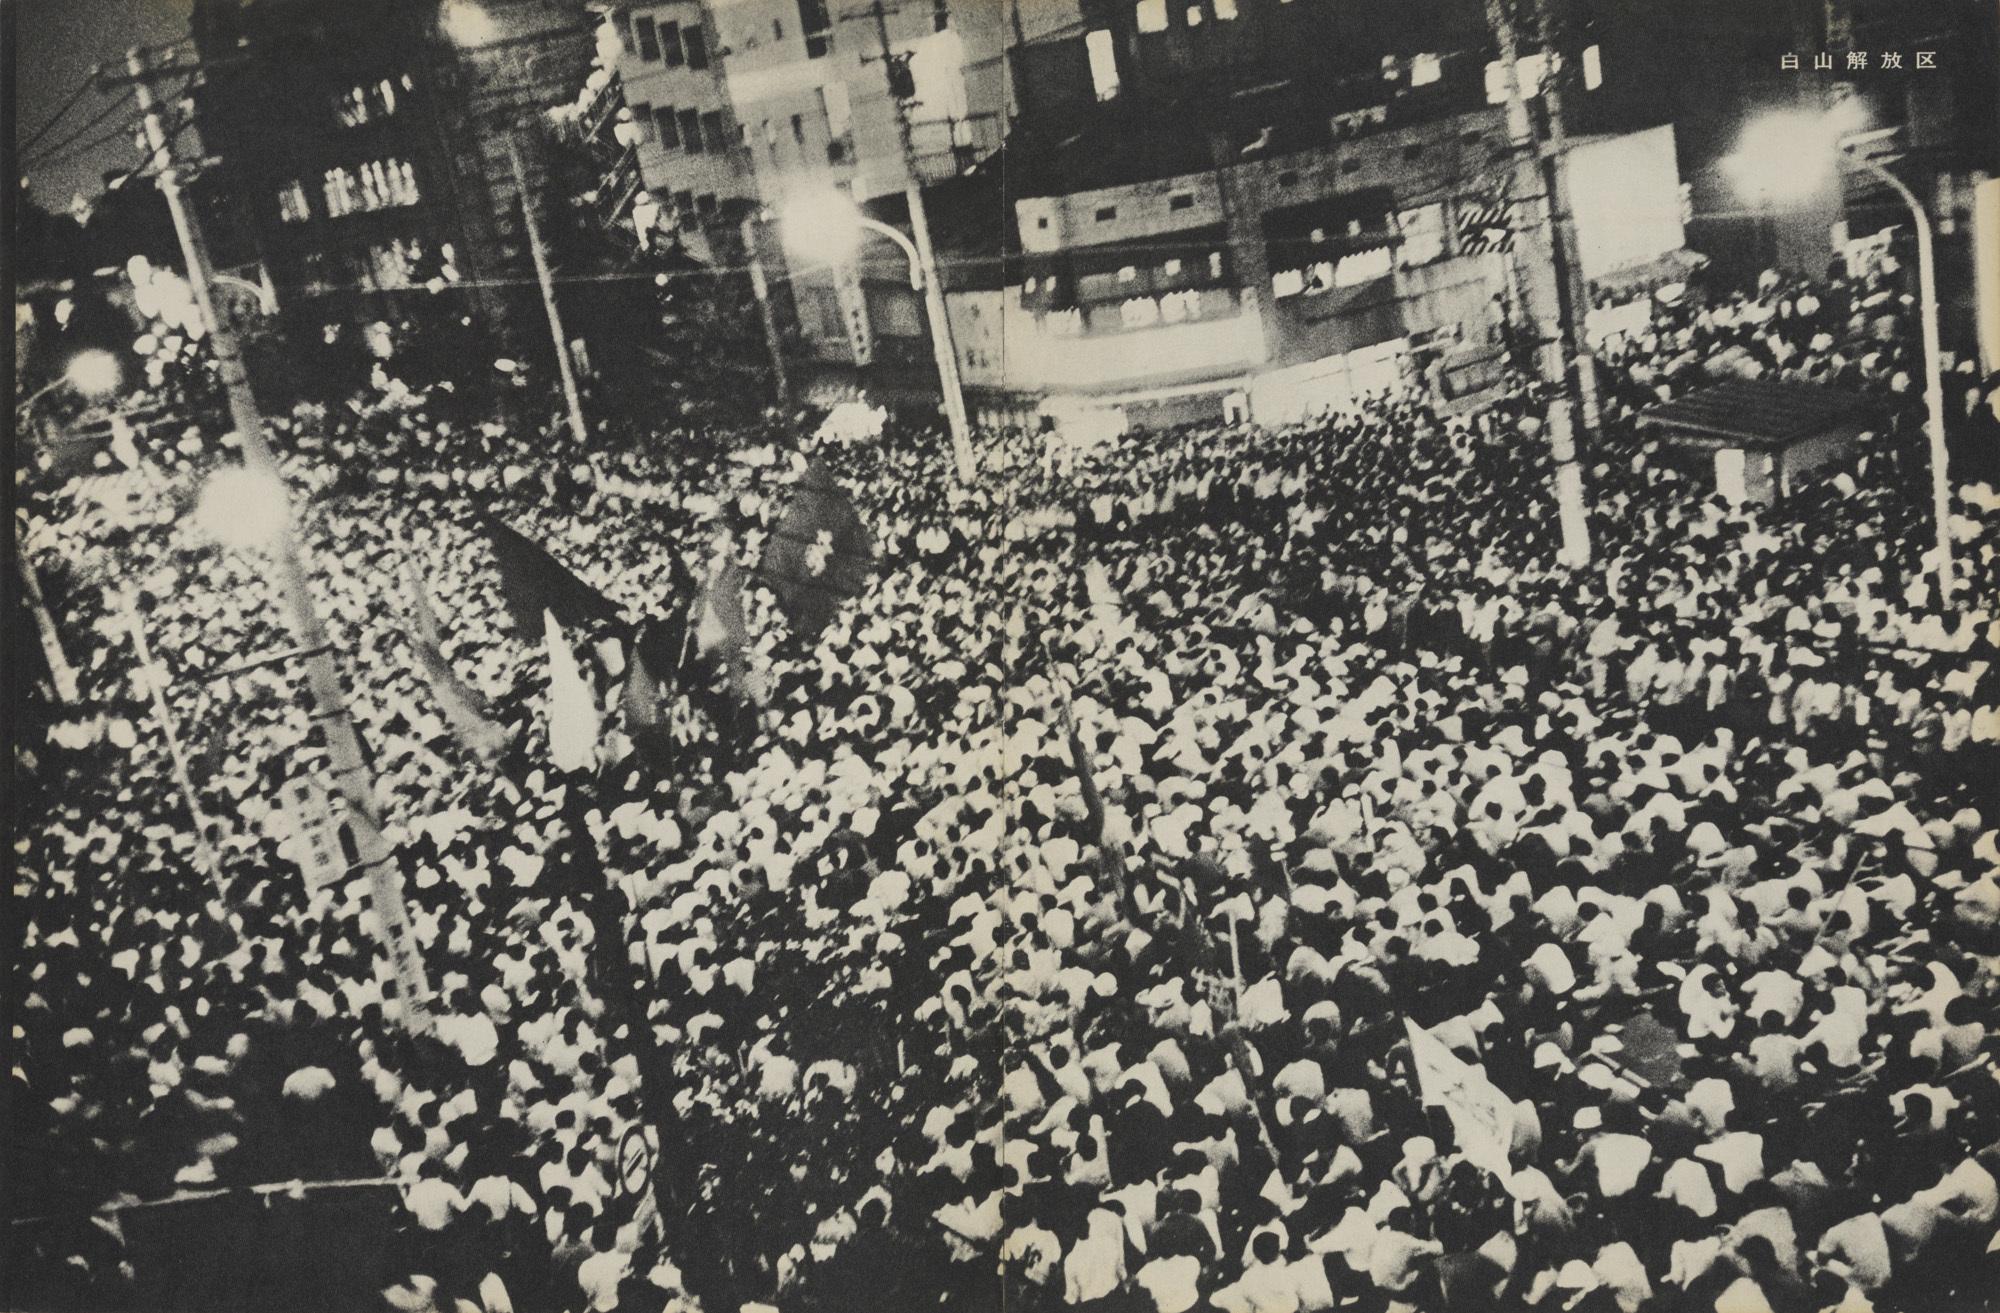 白山解放区 1968.9 国立歴史民俗博物館蔵